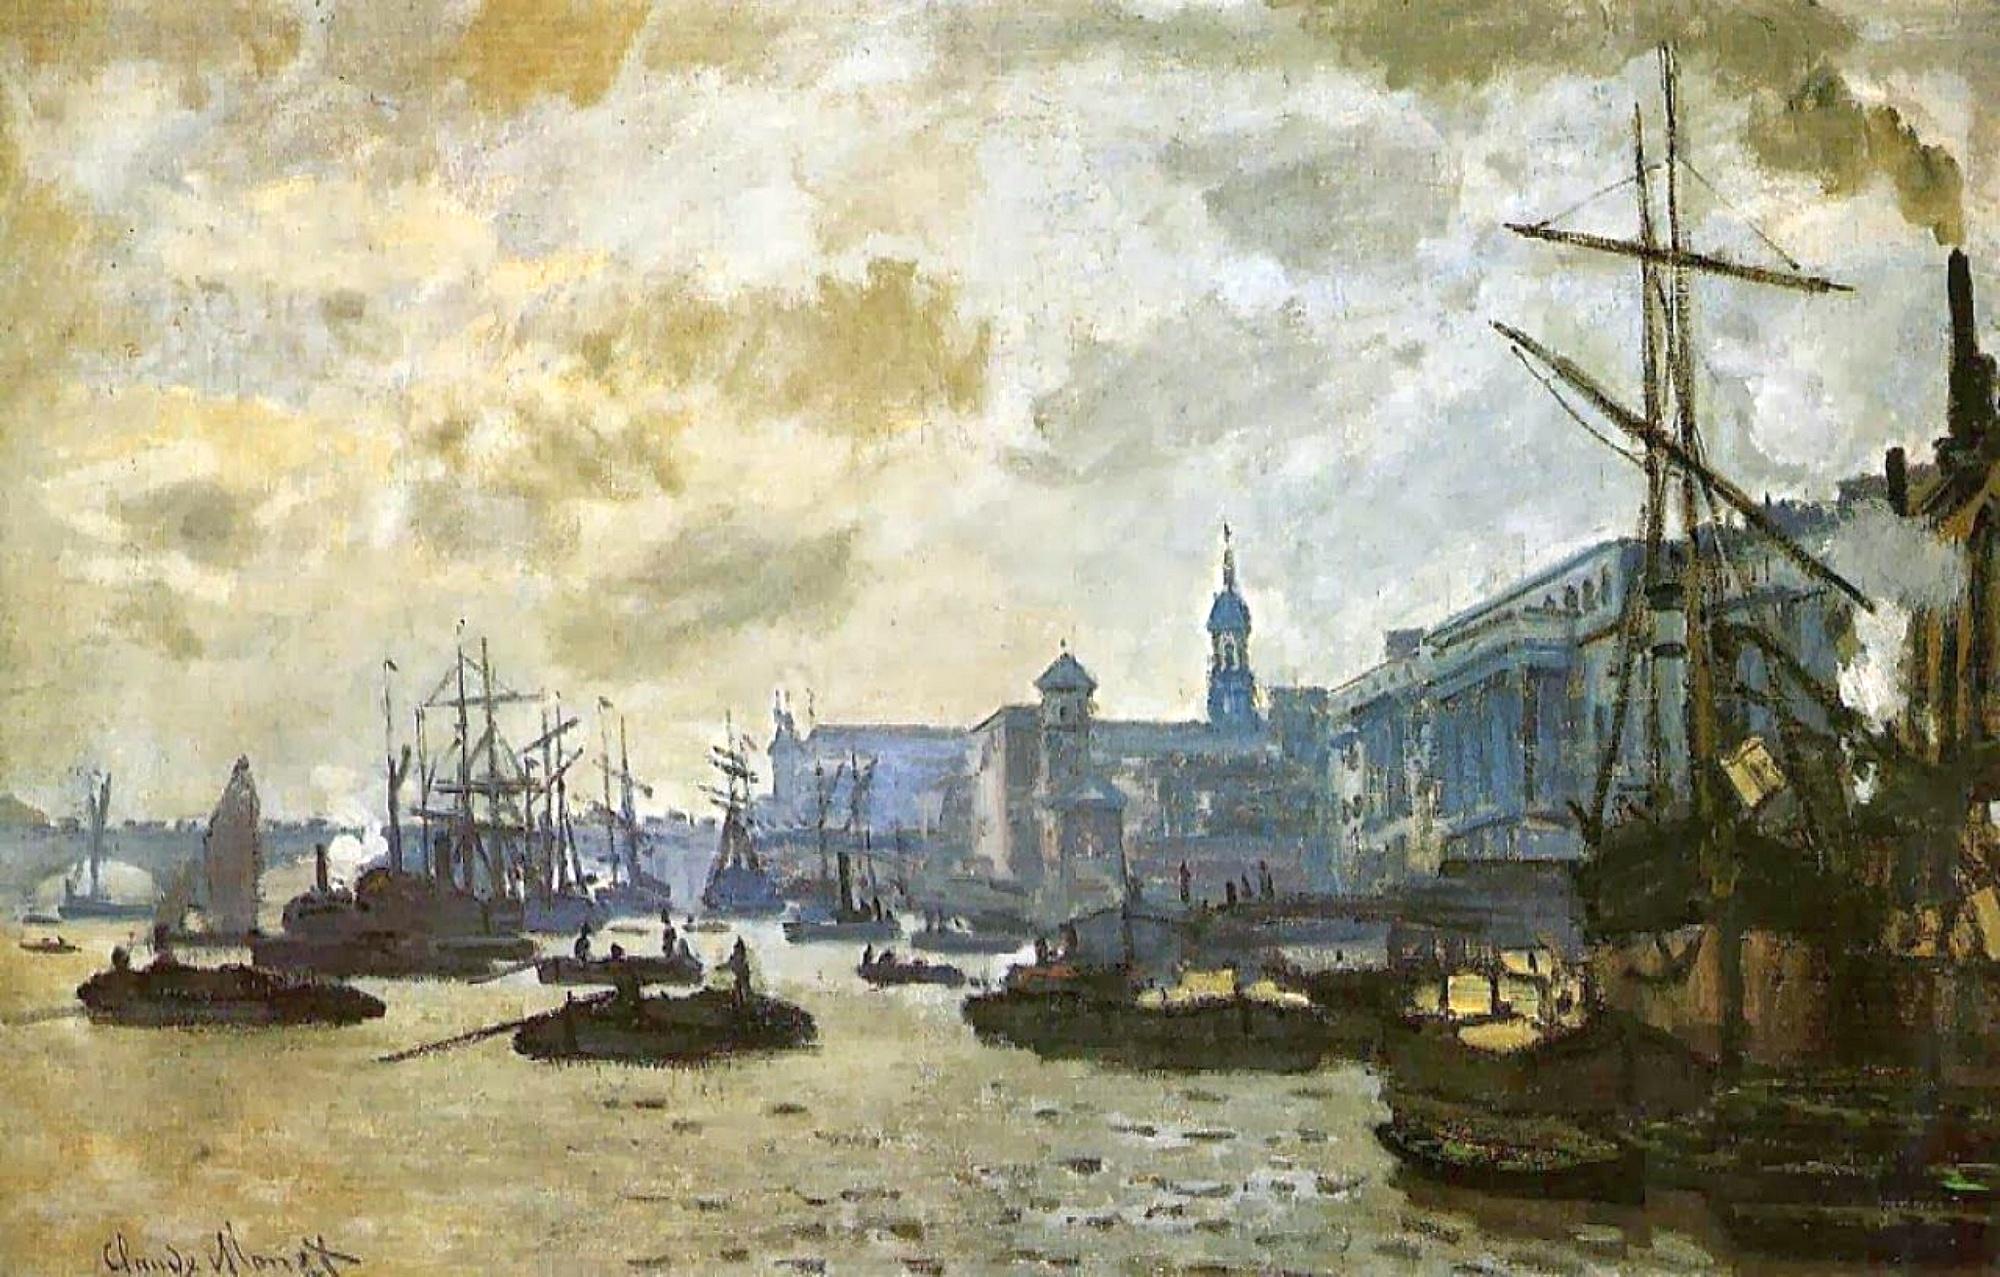 пейзажи - парусники и лодки < Лондон, порт >:: Клод Моне, описание картины - Моне Клод (Claude Monet) фото